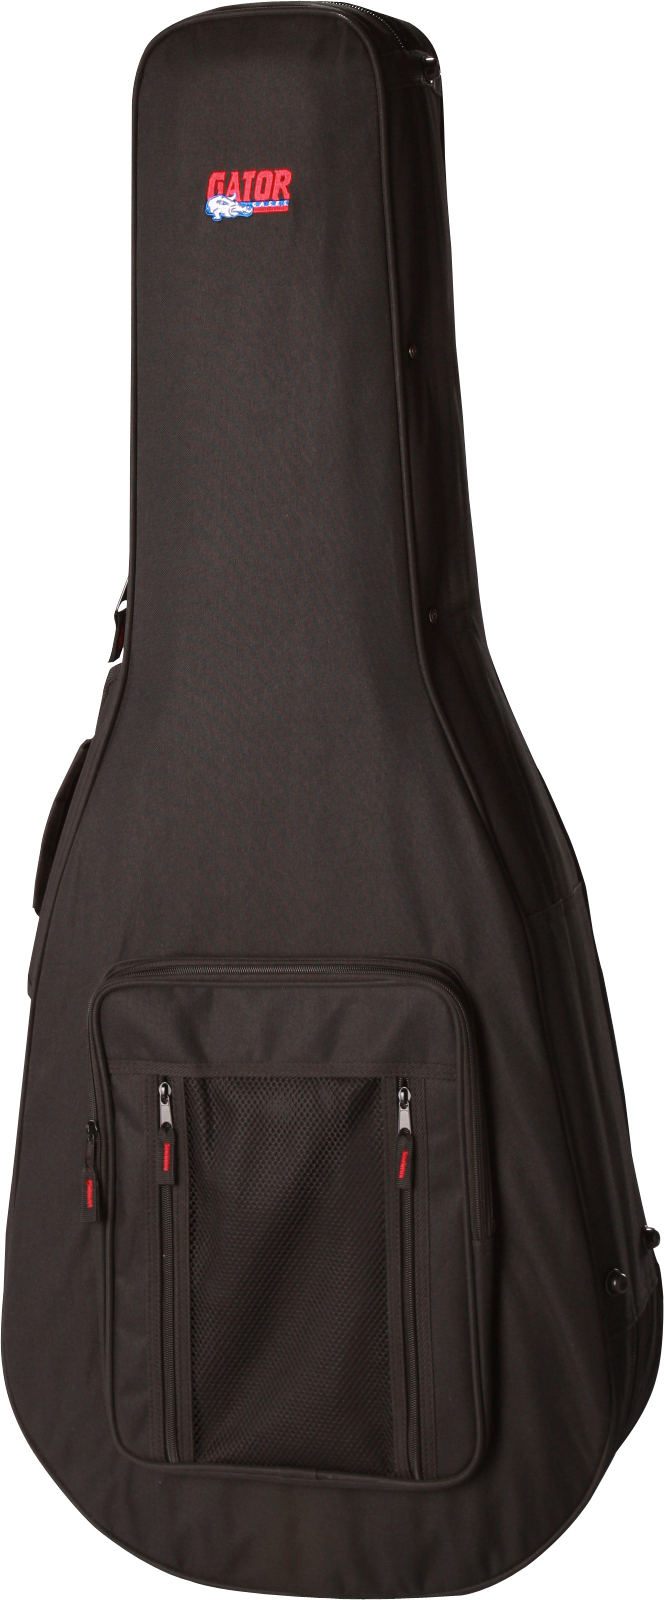 Gator GL-Acou-Bass - obal pro akustickou basu